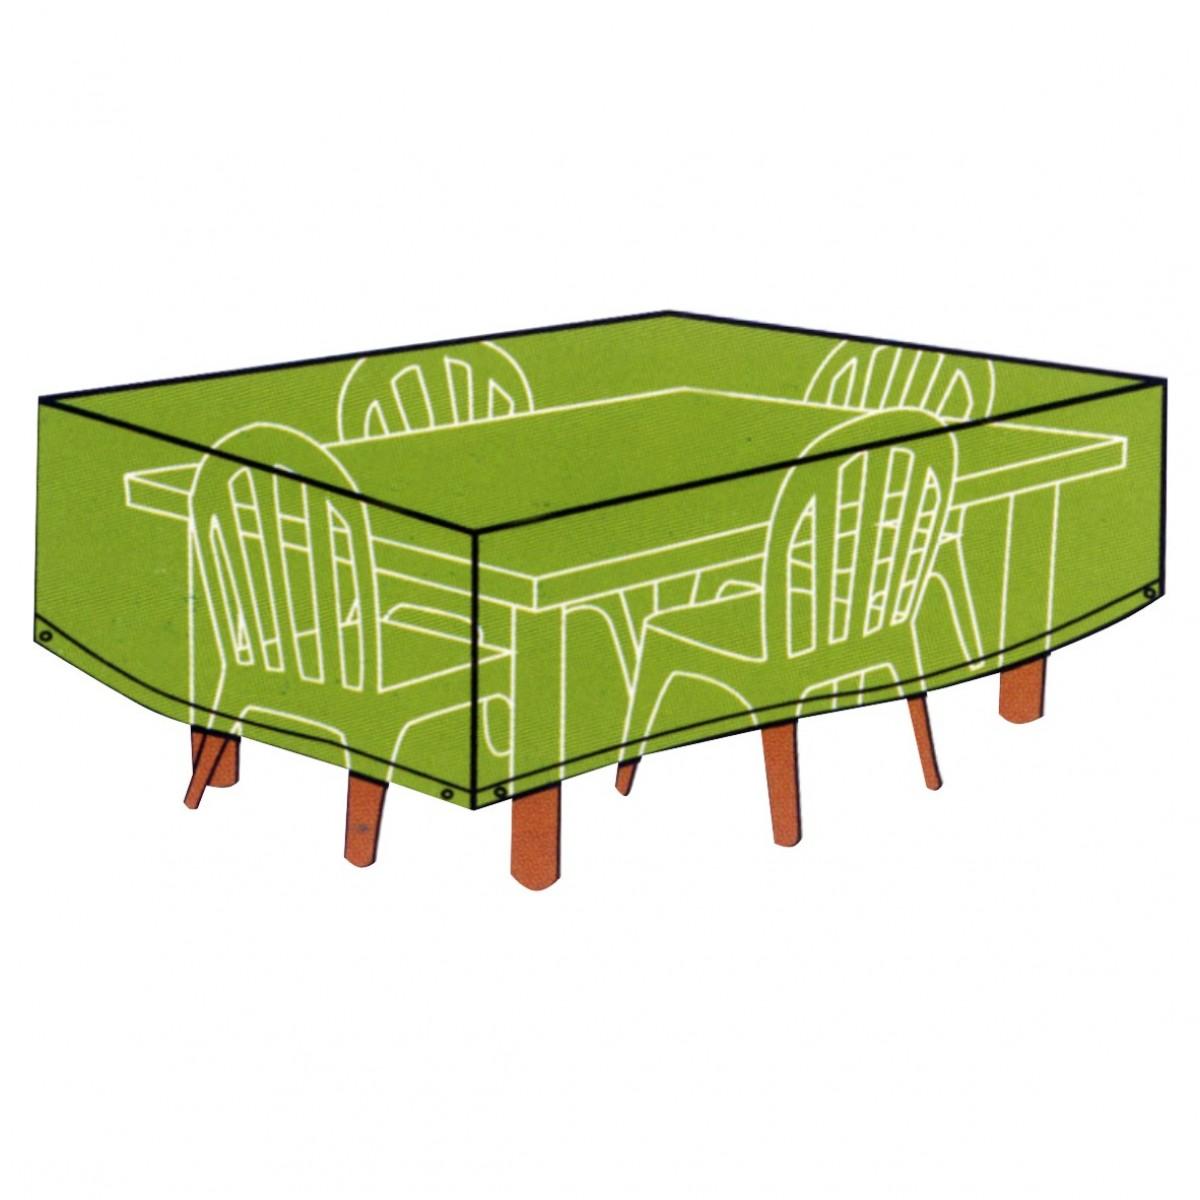 CONZEPT Overtræk til havemøbler firkantet bord med stole 140 x 125 x 90 cm.